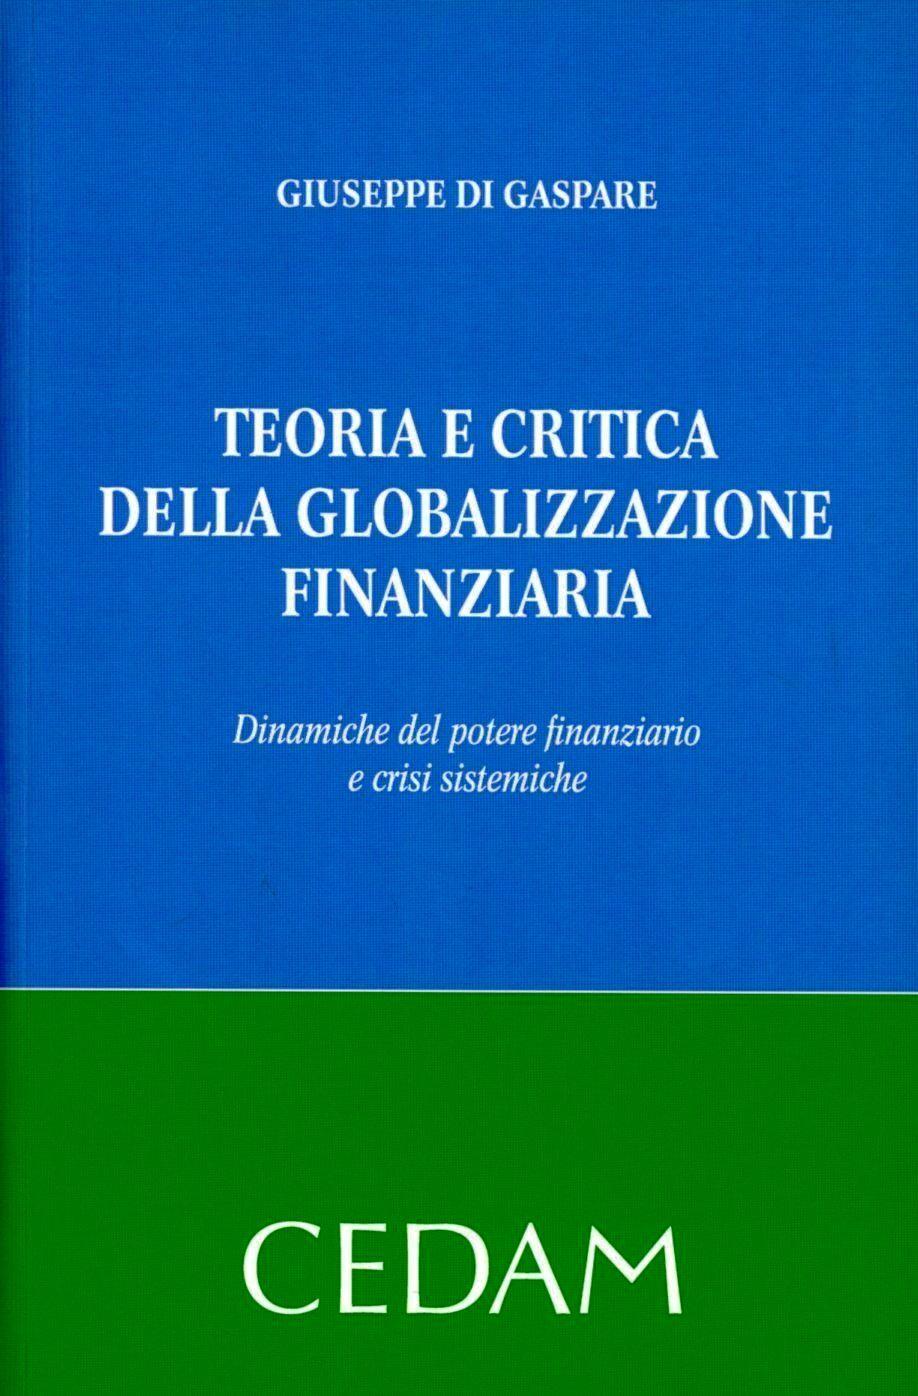 Teoria e critica della globalizzazione finanziaria. Dinamiche del potere finanziario e crisi sistemiche